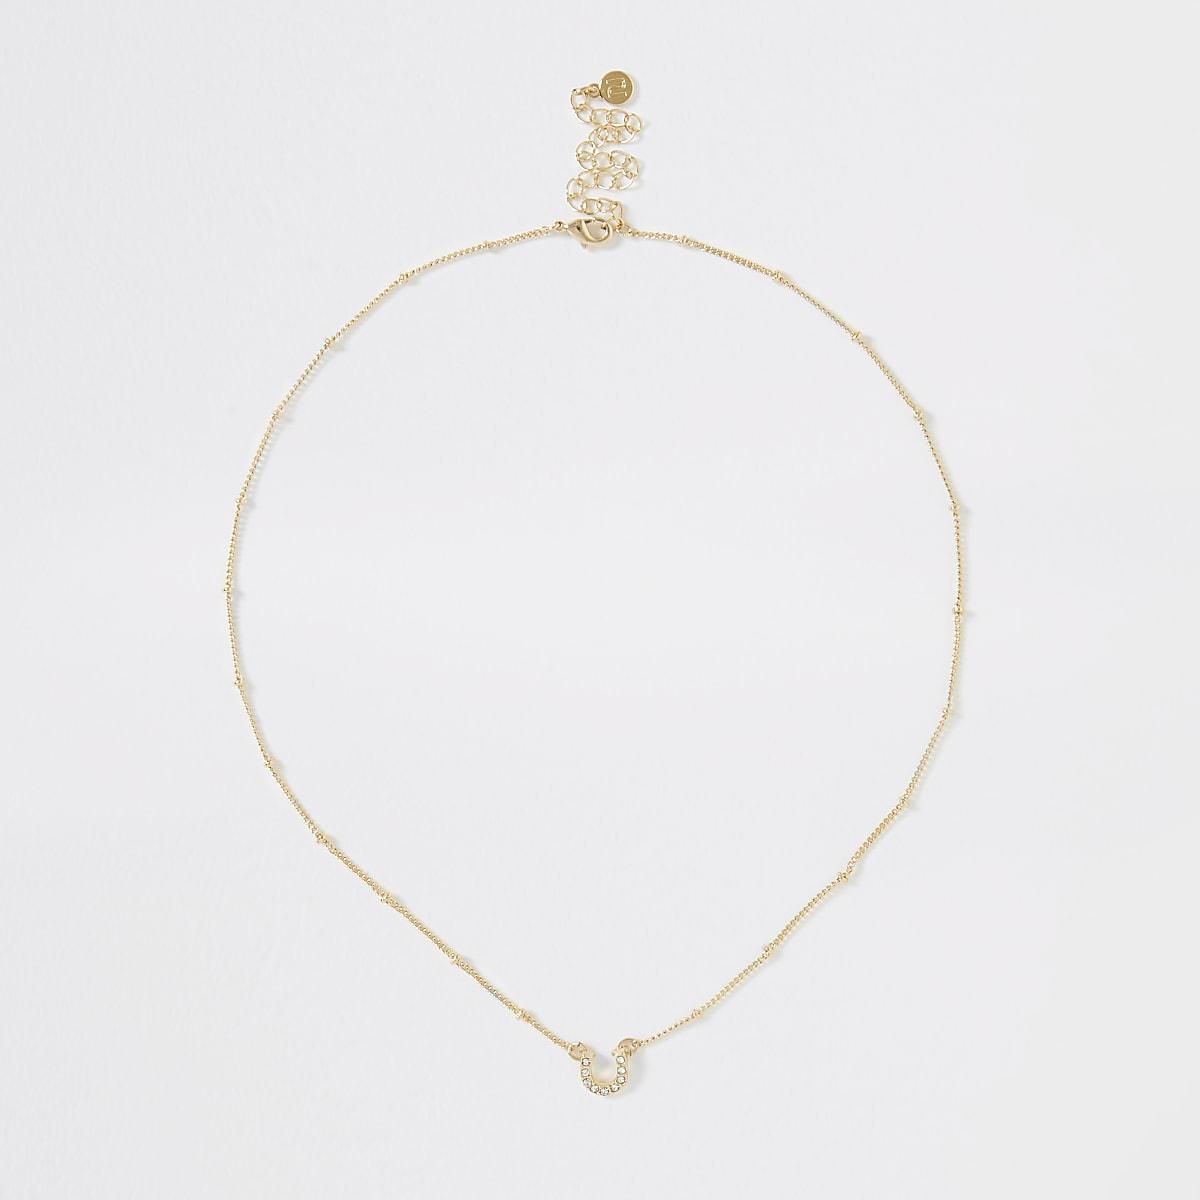 Gold color horse shoe necklace